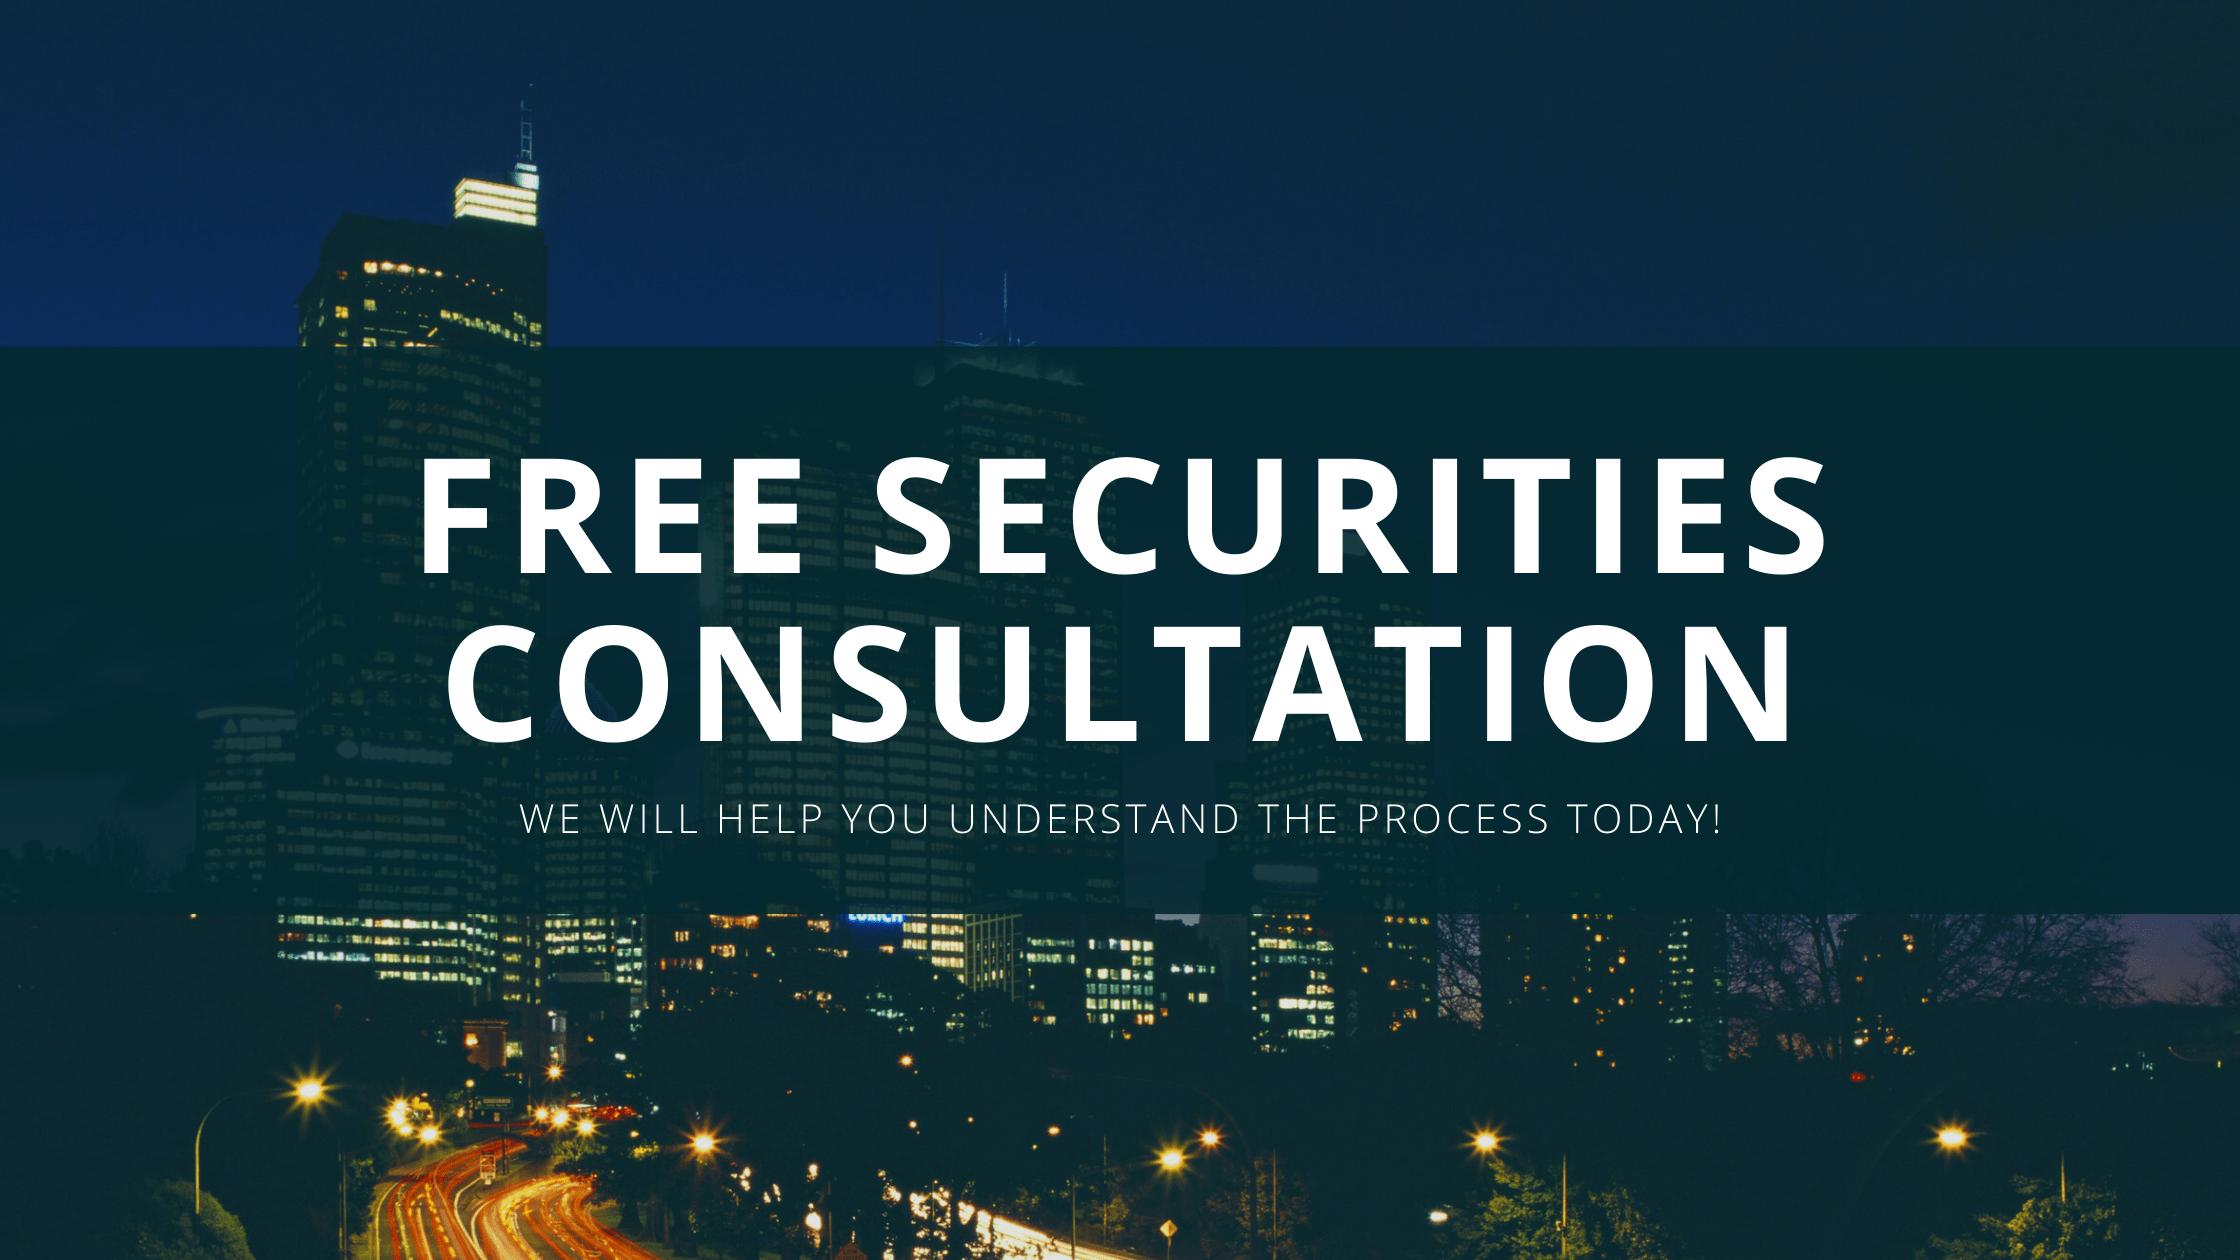 free securities consultation